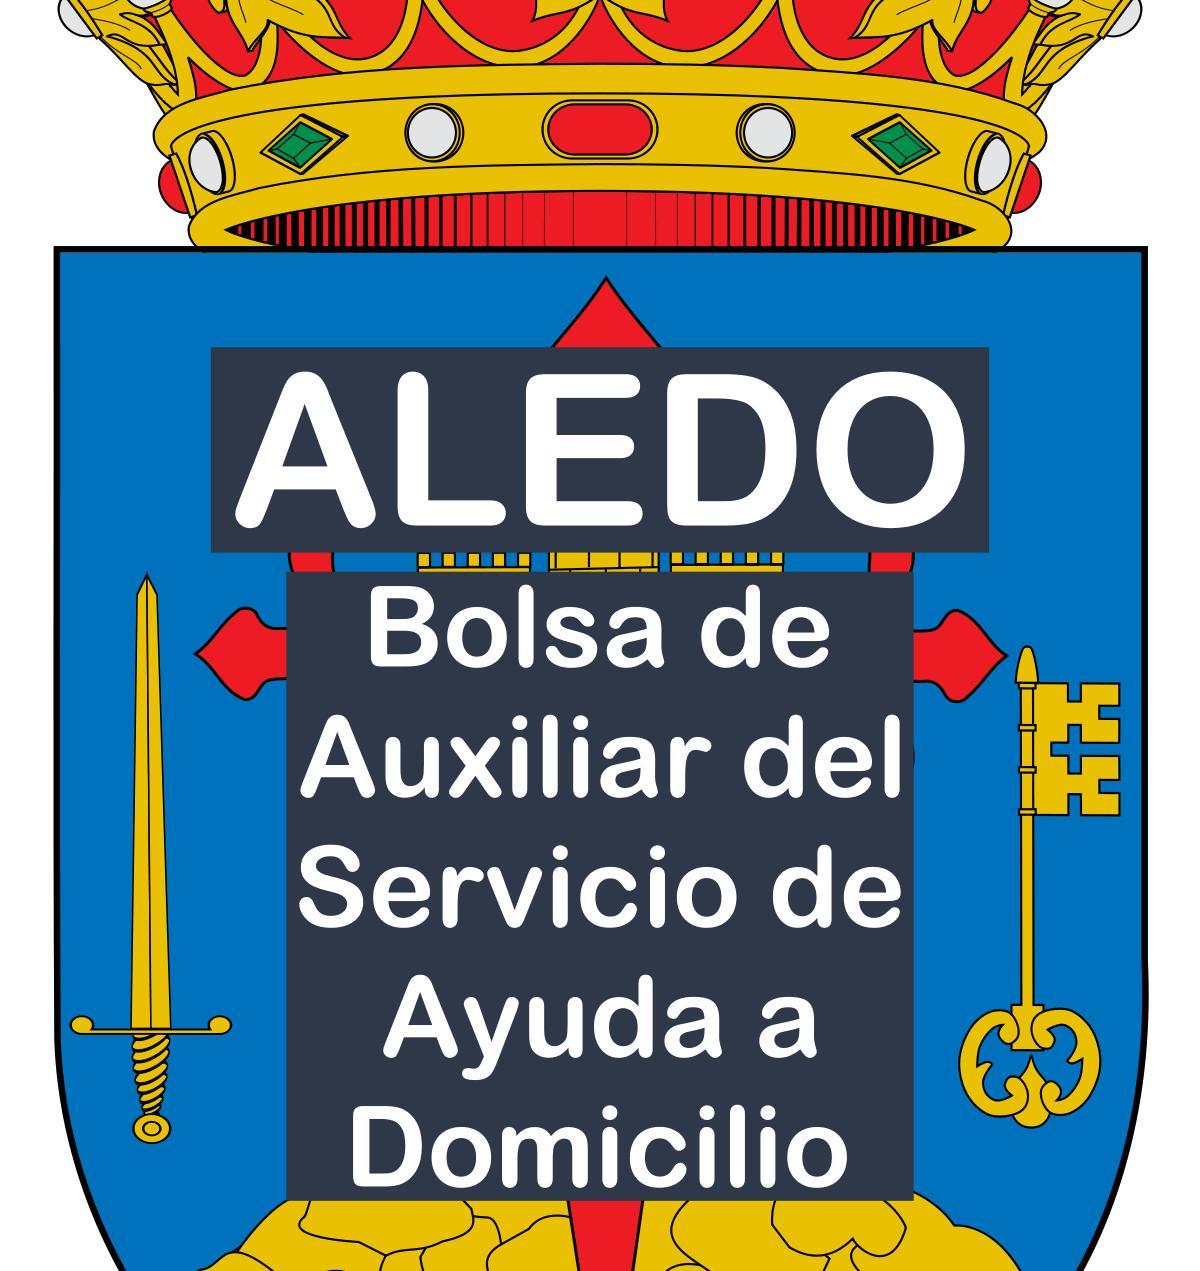 1 bolsa de auxiliar del servicio de ayuda a domicilio en Aledo